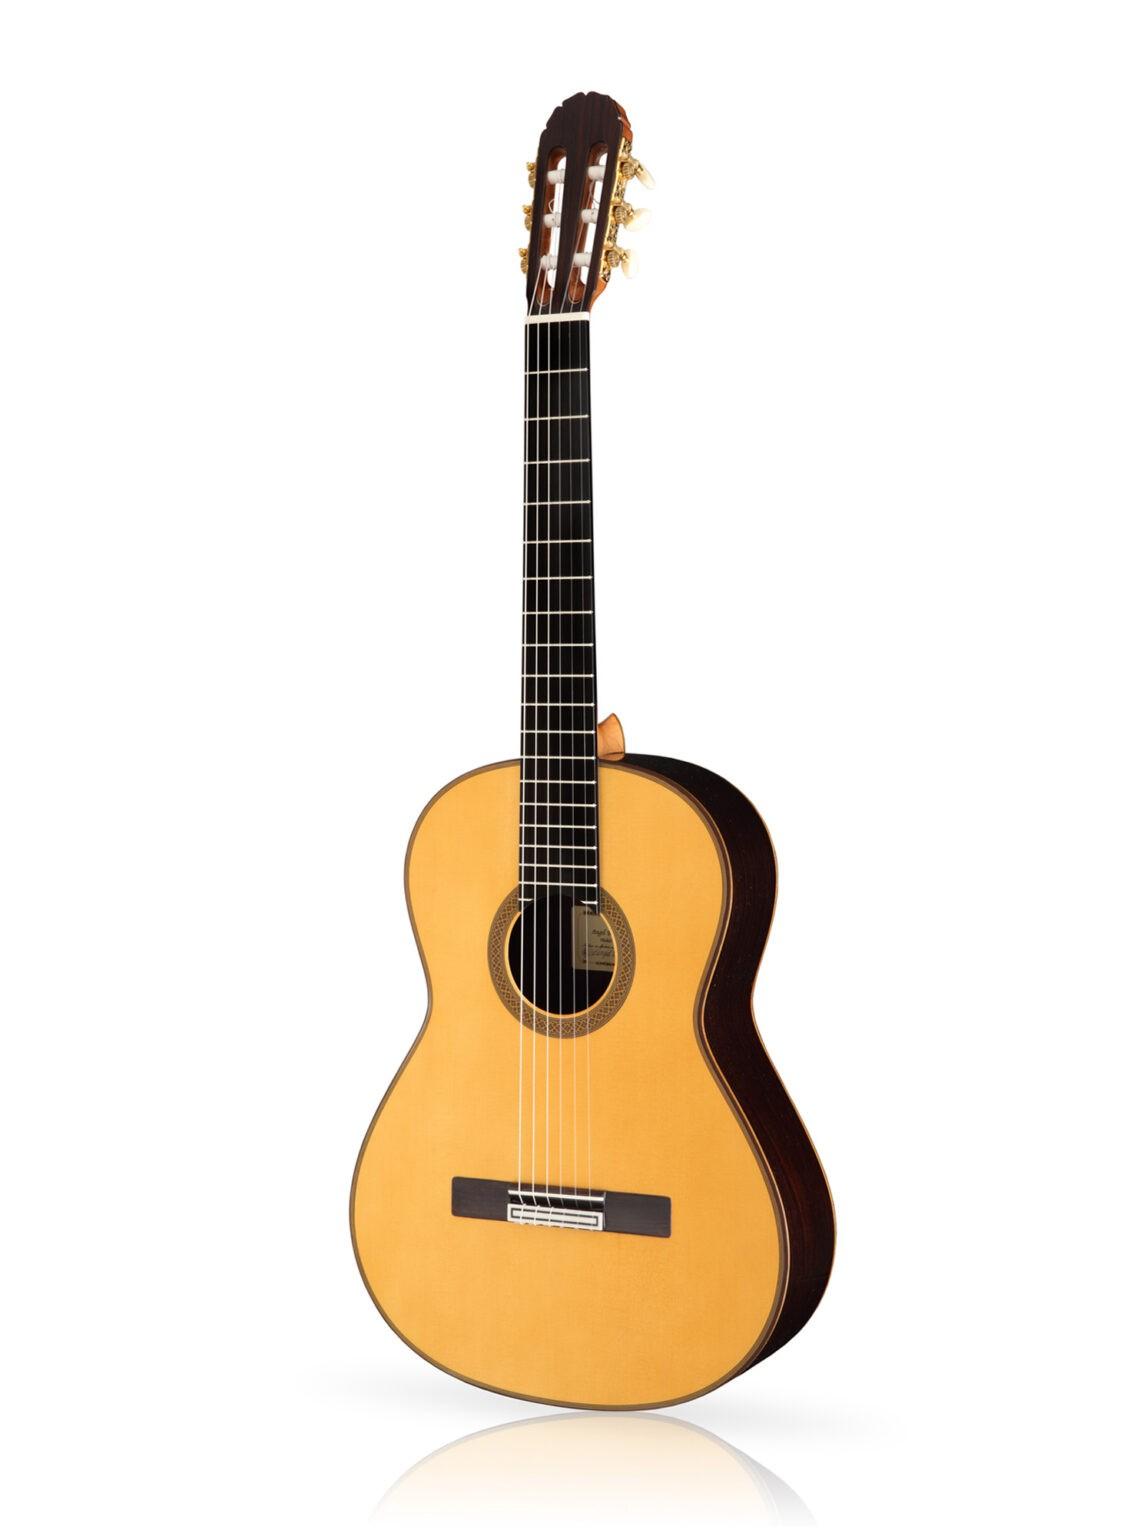 Guitarras de Angel Benito Aguado - Guitarras de concierto - Españoleta